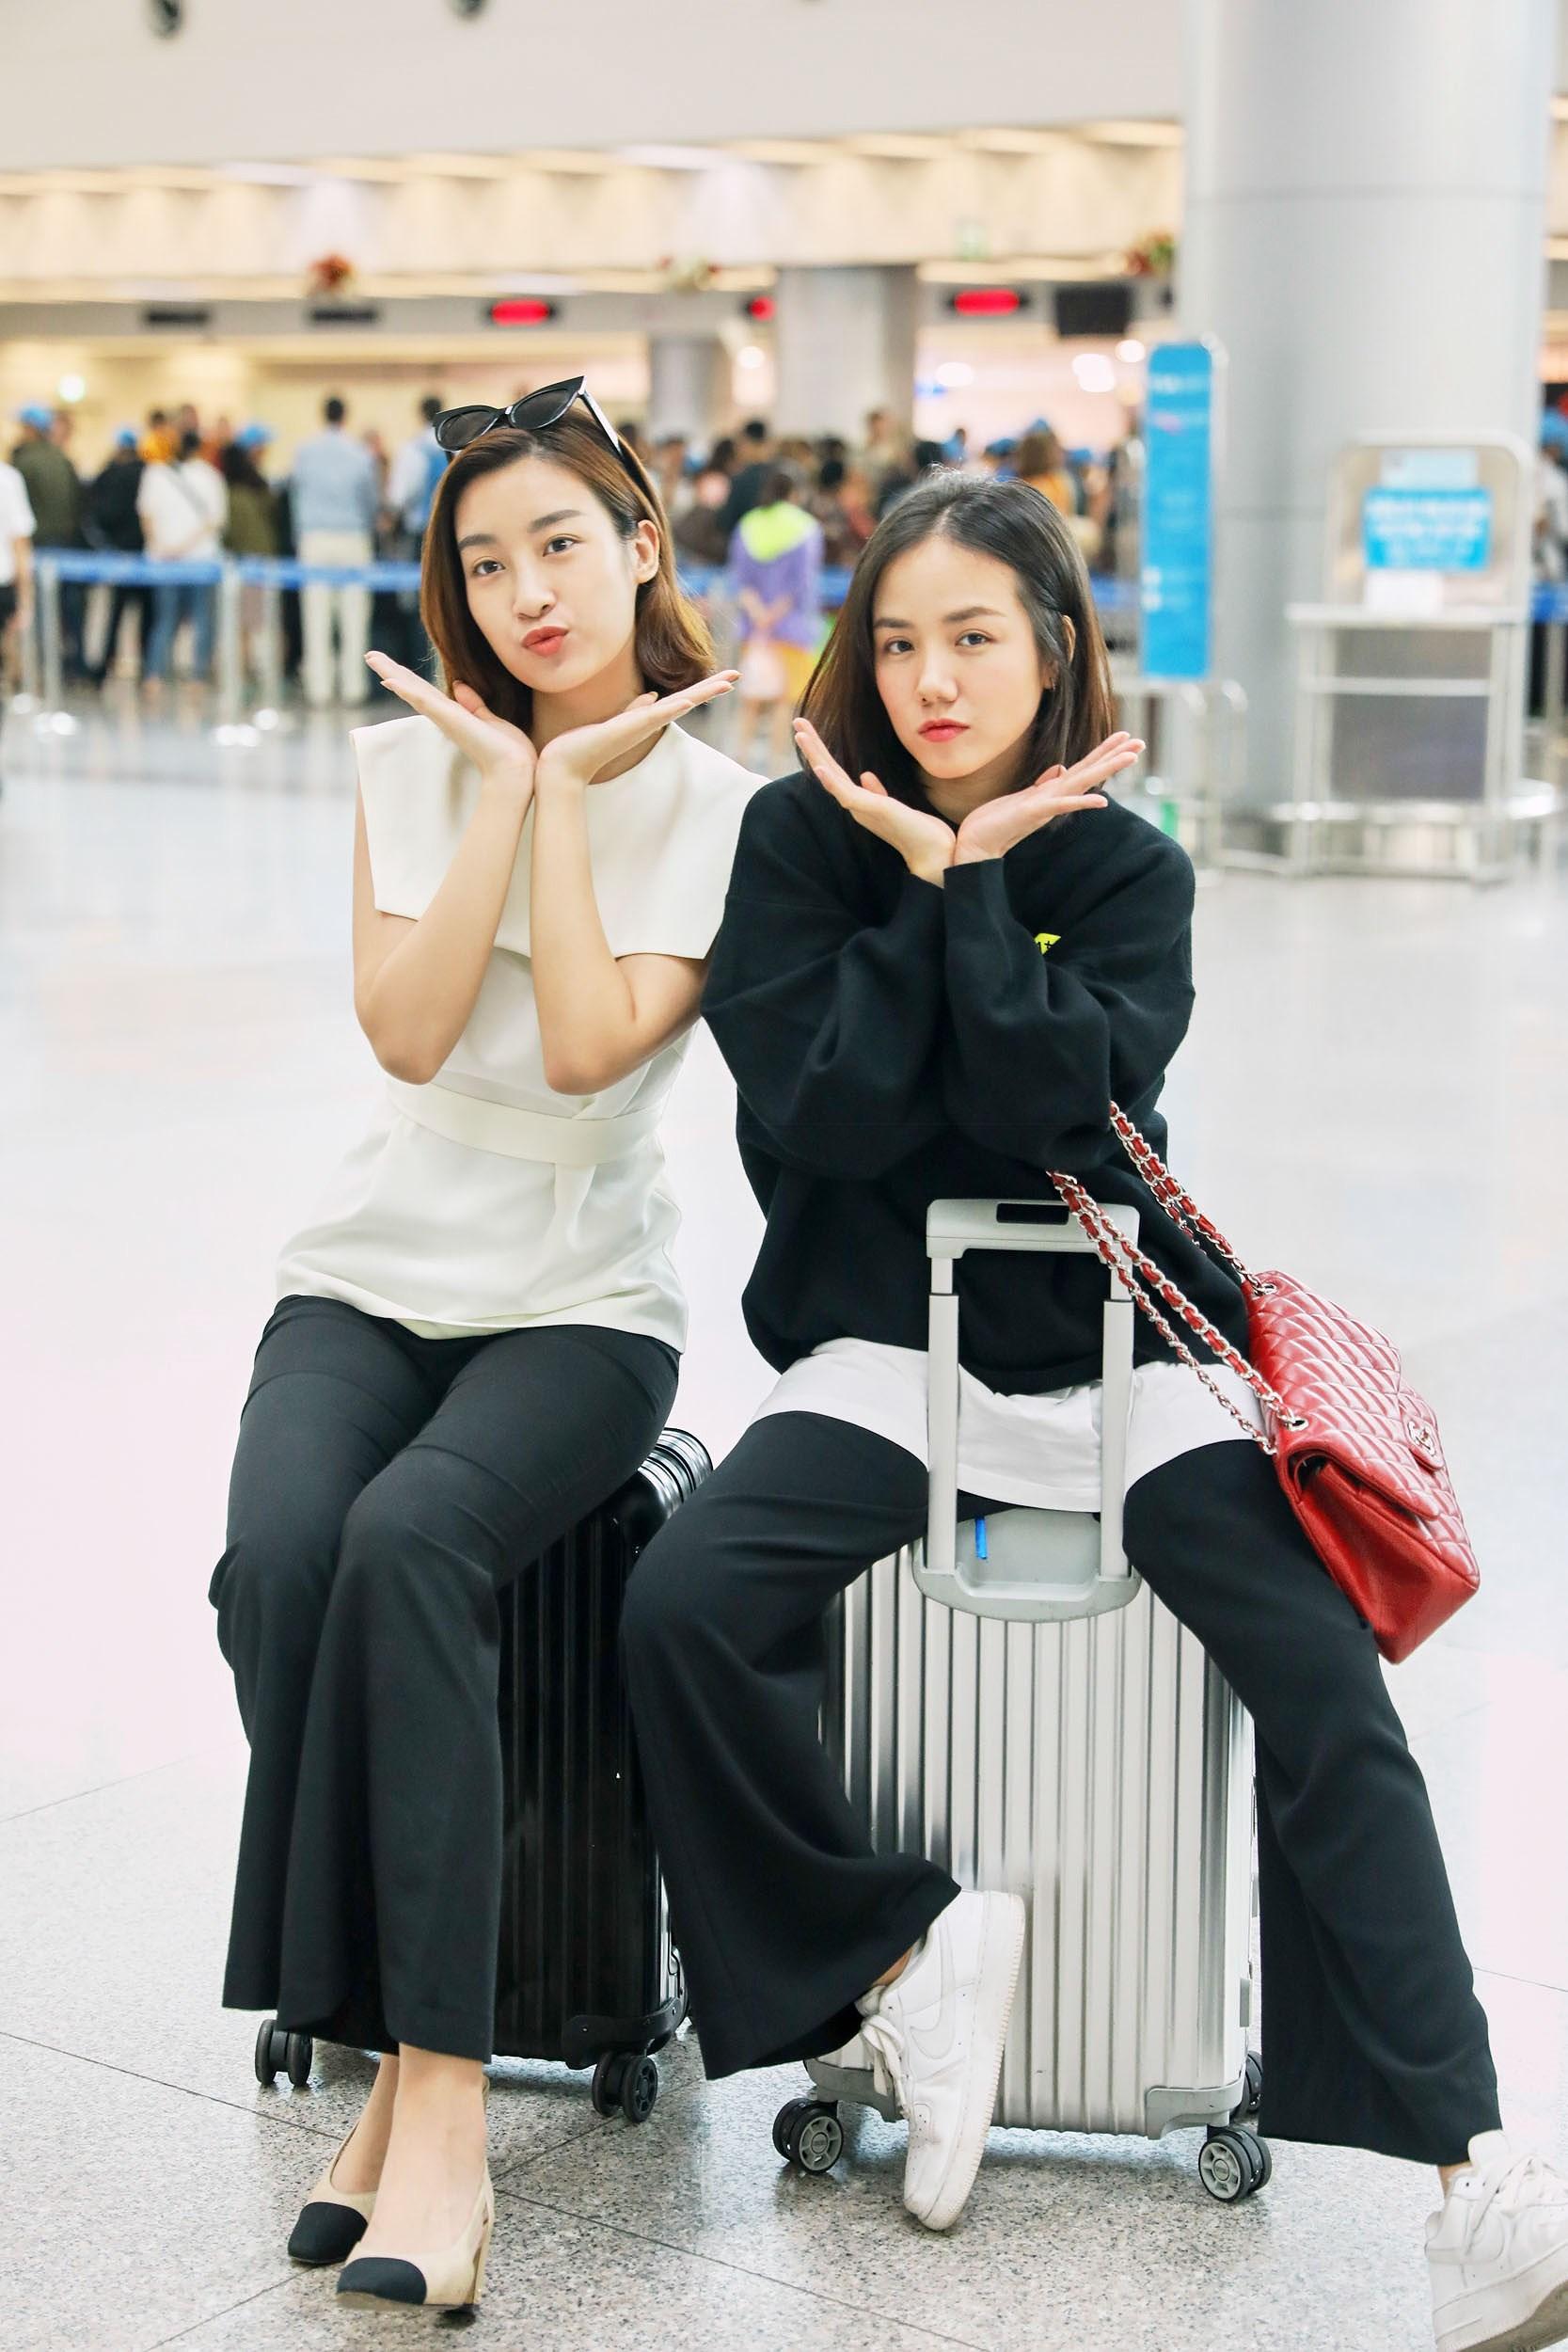 Hoa hậu Đỗ Mỹ Linh và Phương Ly đọ mặt mộc xinh đẹp tại sân bay Ảnh 15